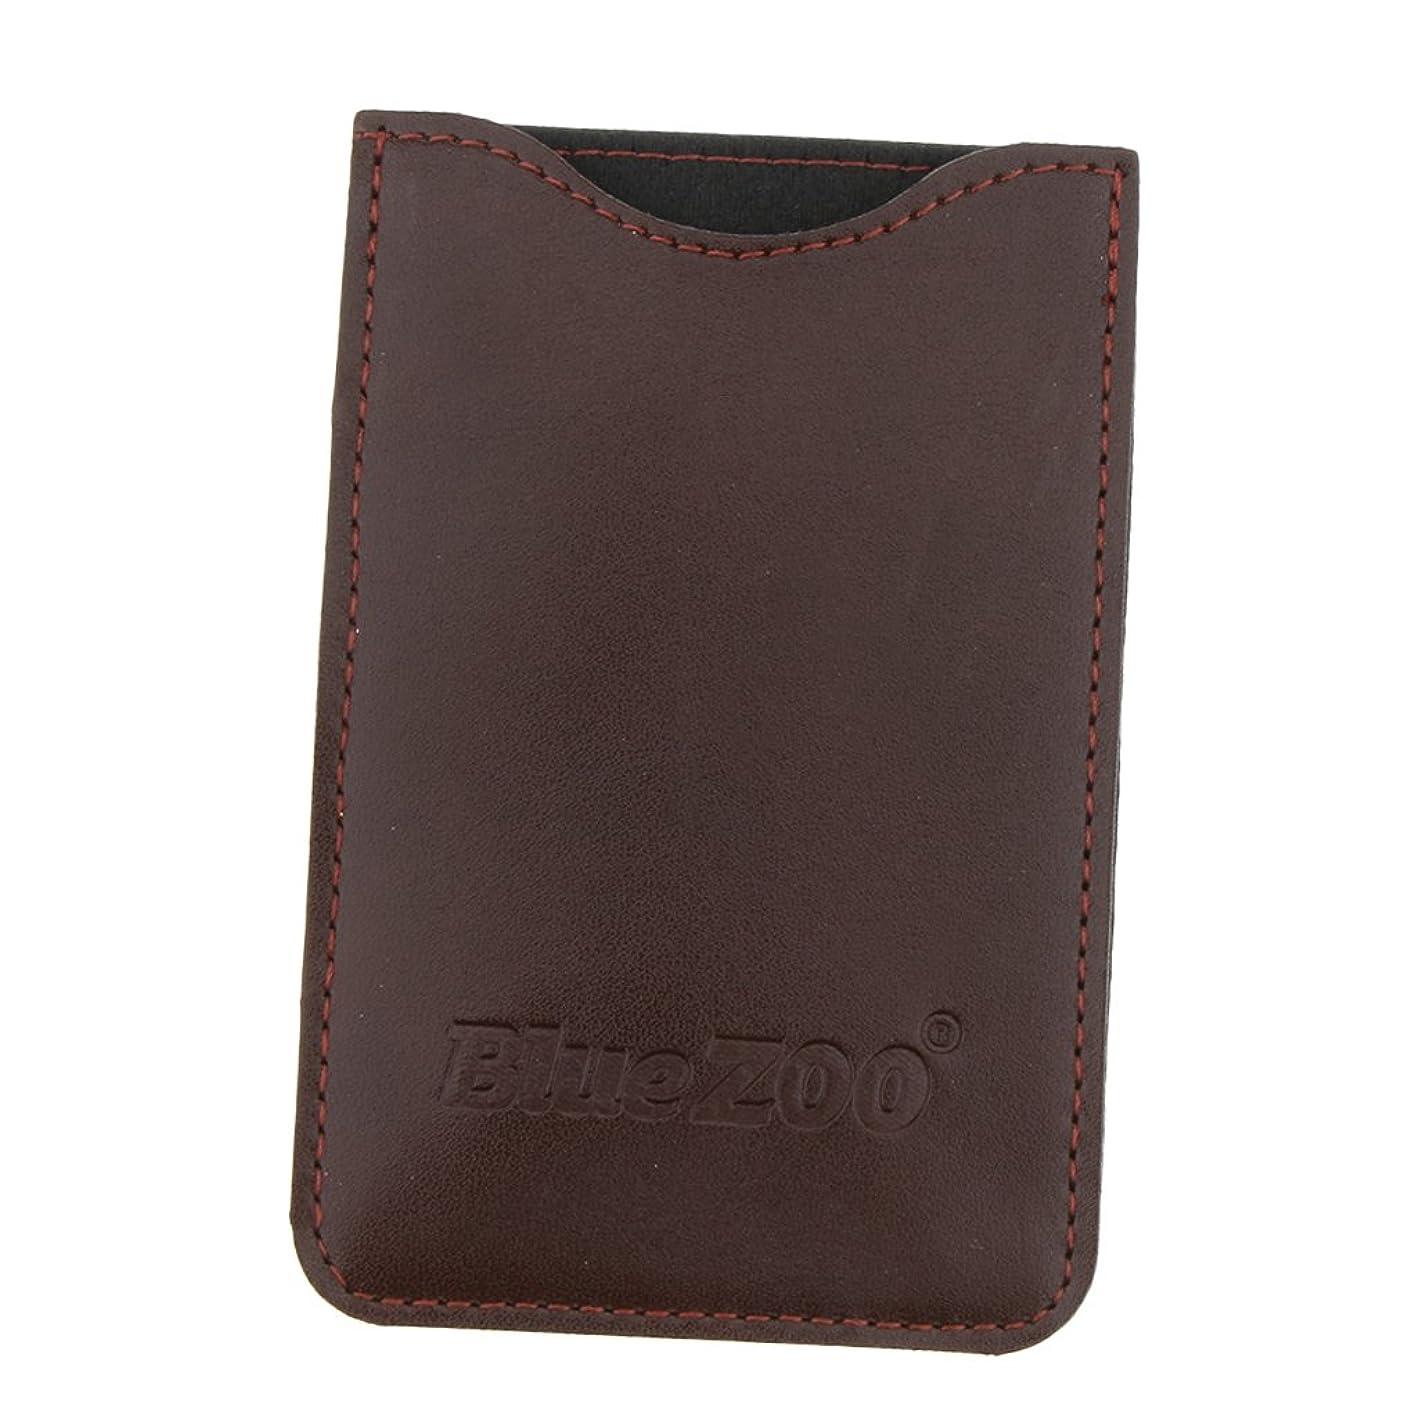 司書拒絶するワークショップBaosity 収納パック 収納ケース 保護カバー 櫛/名刺/IDカード/銀行カード 旅行 便利 全2色  - 褐色